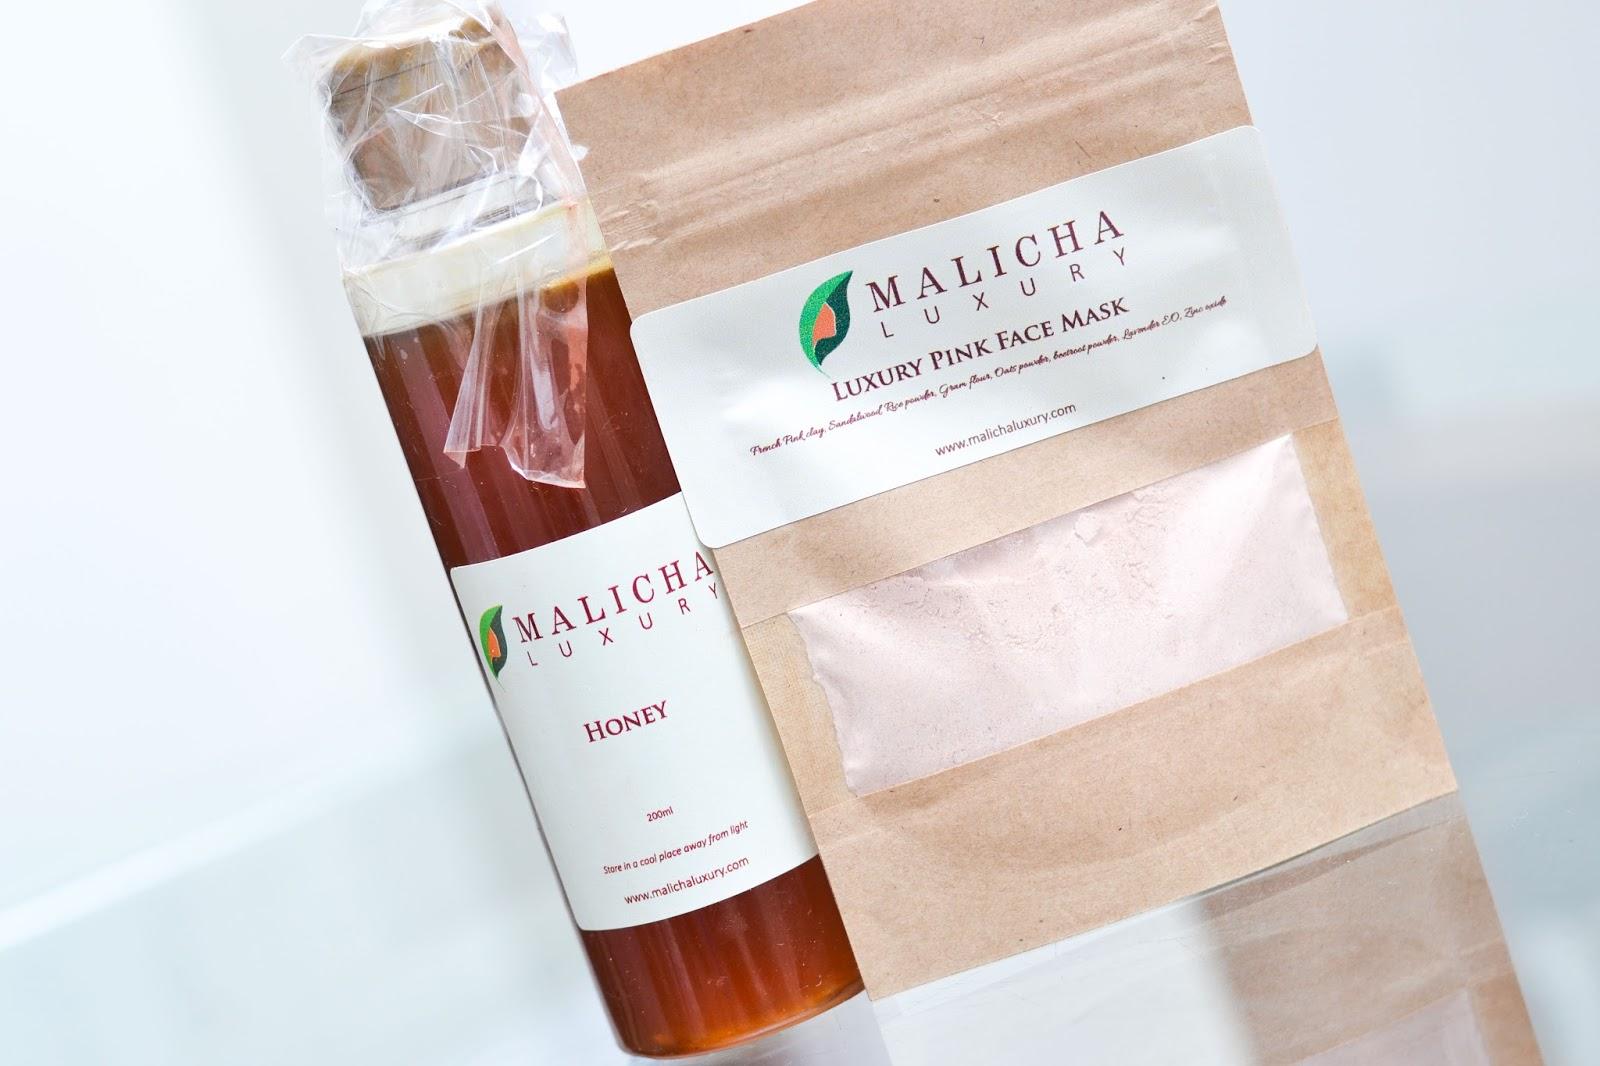 Malicha Luxury Face Mask & Honey